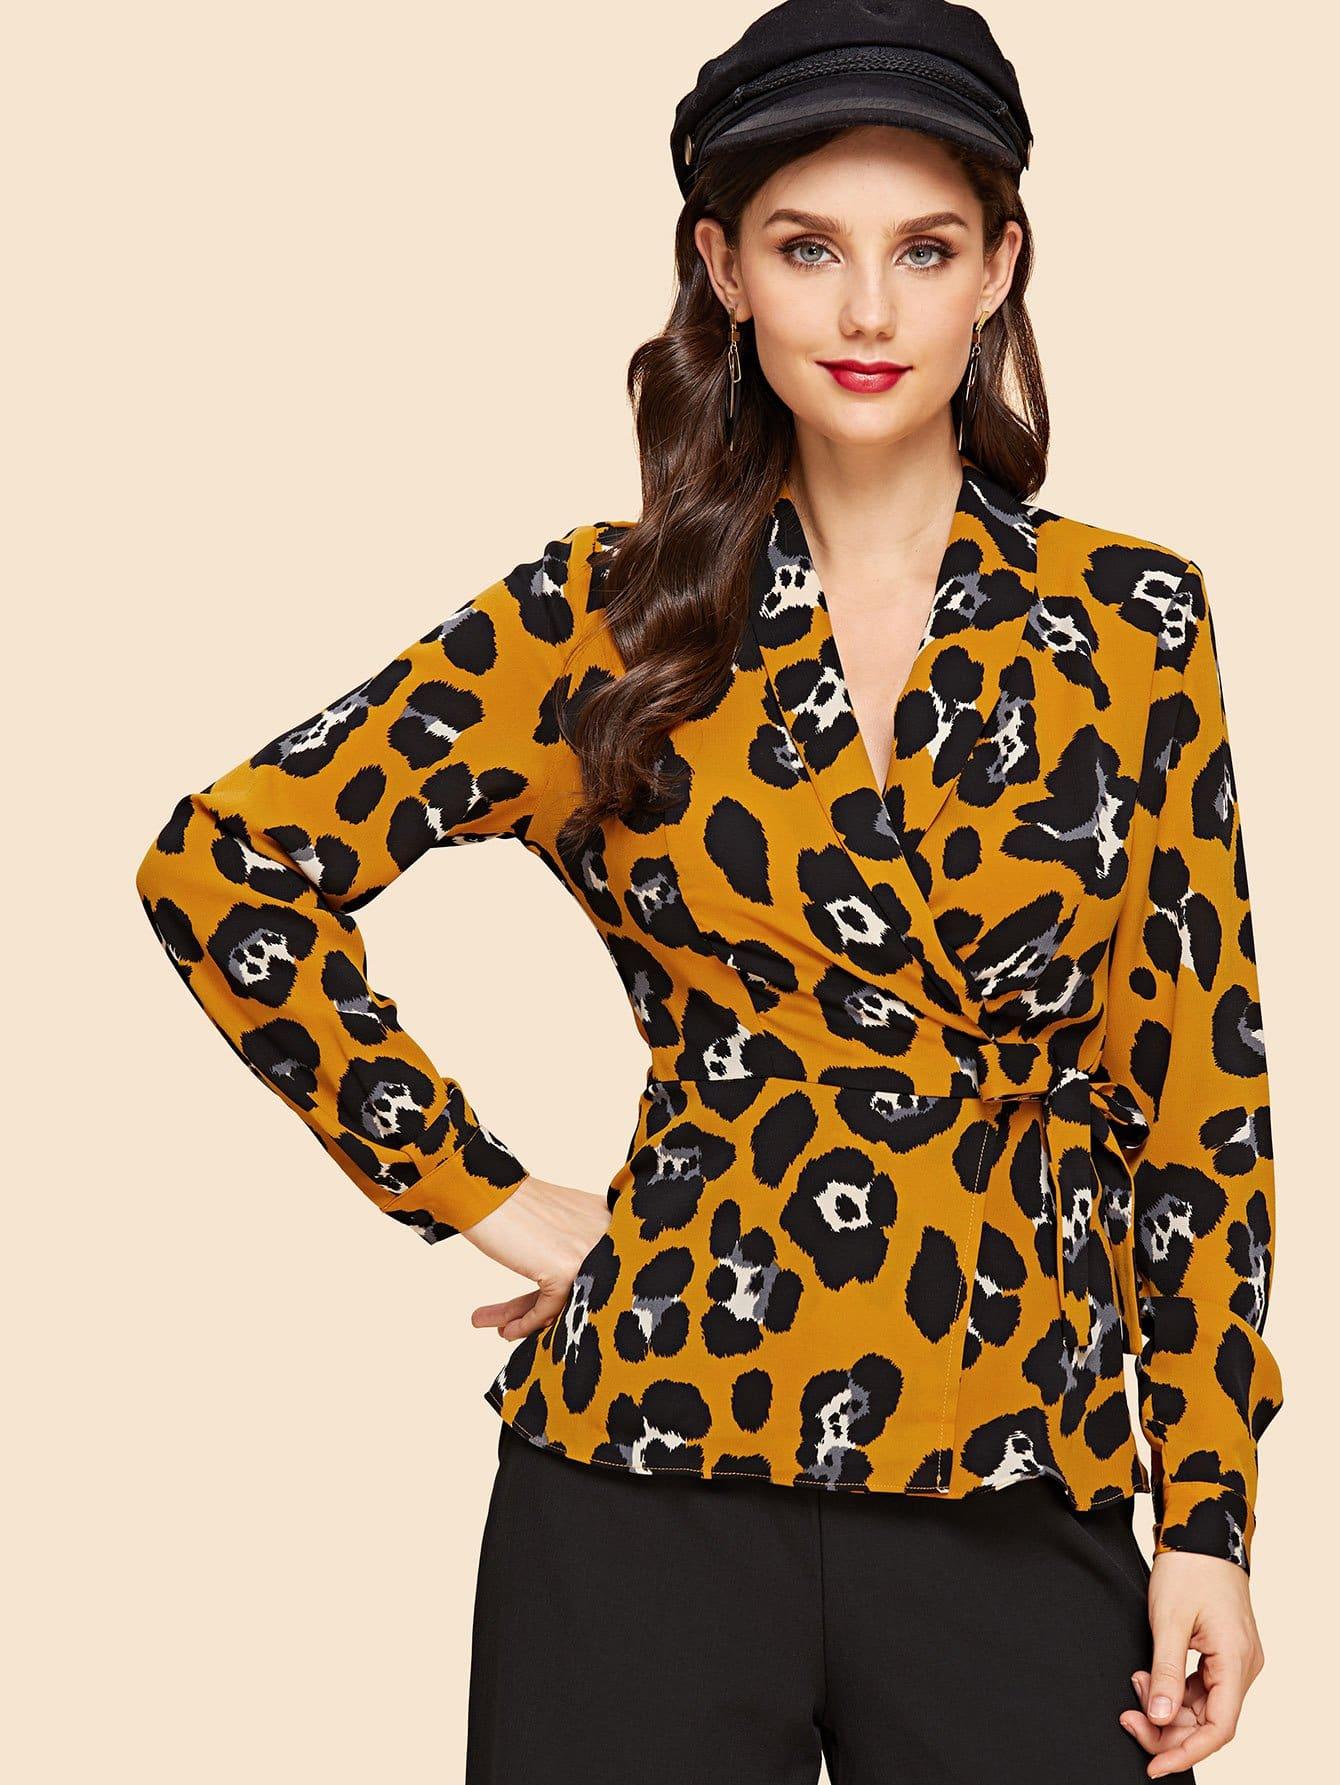 Купить Леопардовая блузка и с украшением банта, Julie H., SheIn